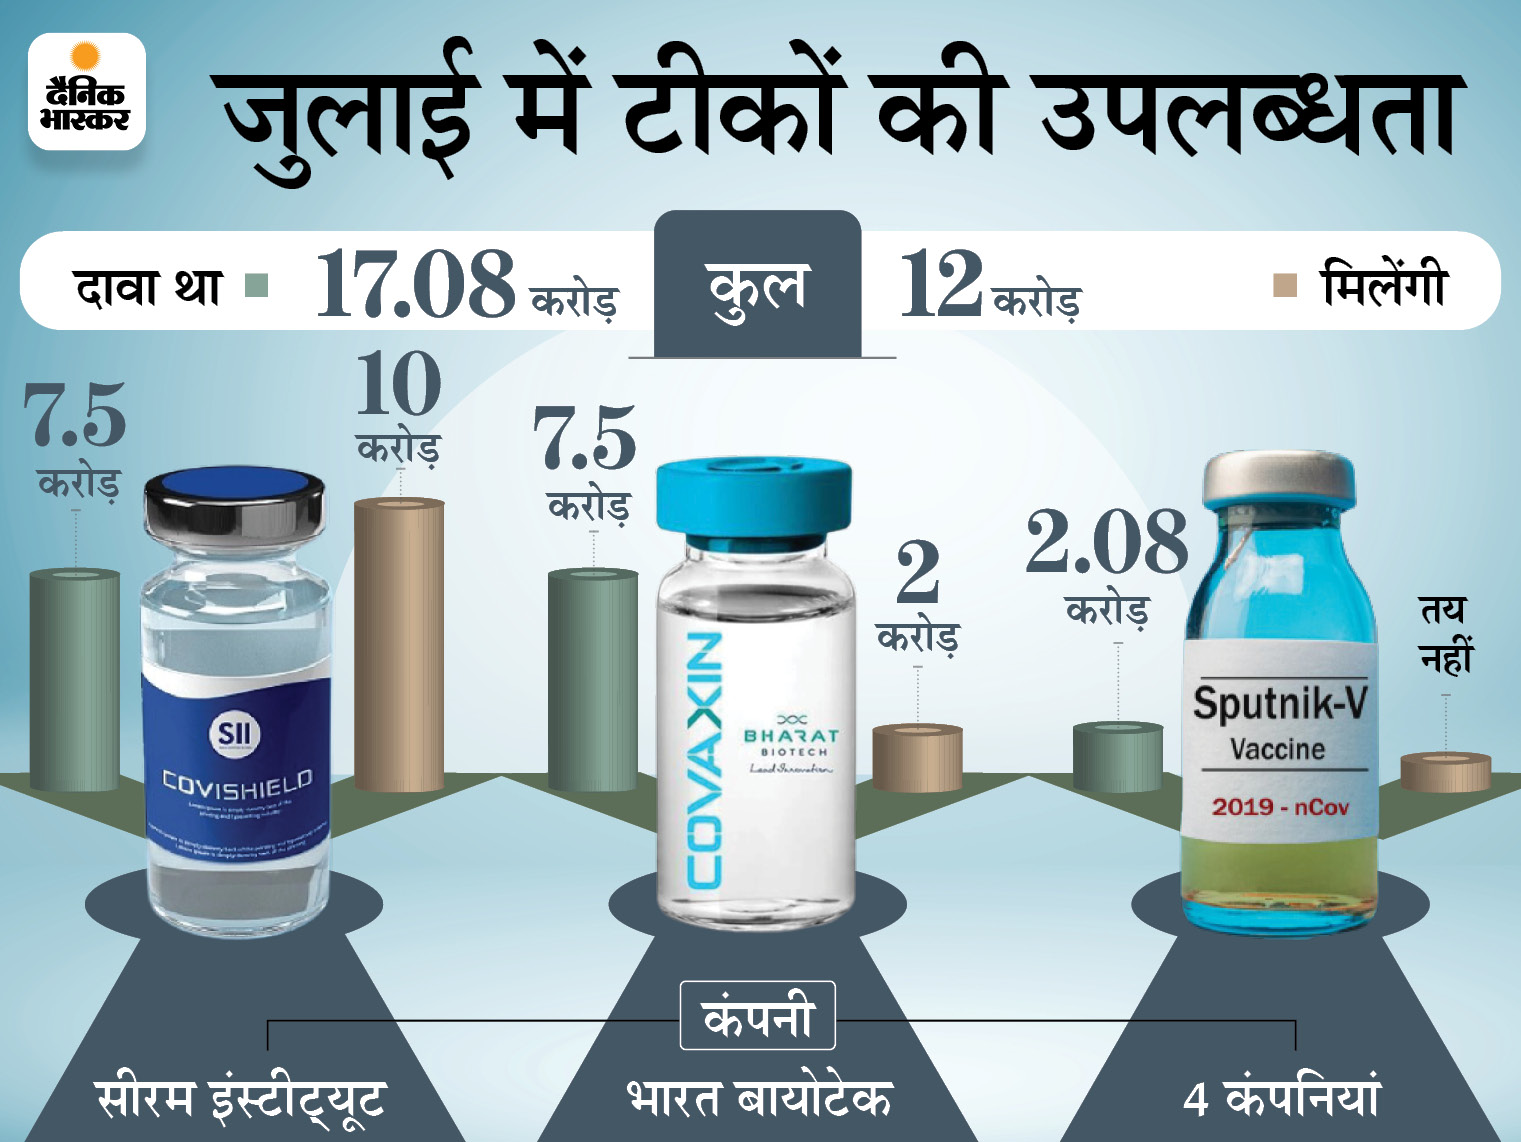 जुलाई में कोवैक्सिन की 7.5 करोड़ डोज मिलनी थीं, मिलेंगी 2 करोड़; राेजाना 44 लाख से भी कम टीके लगने का अनुमान|देश,National - Dainik Bhaskar